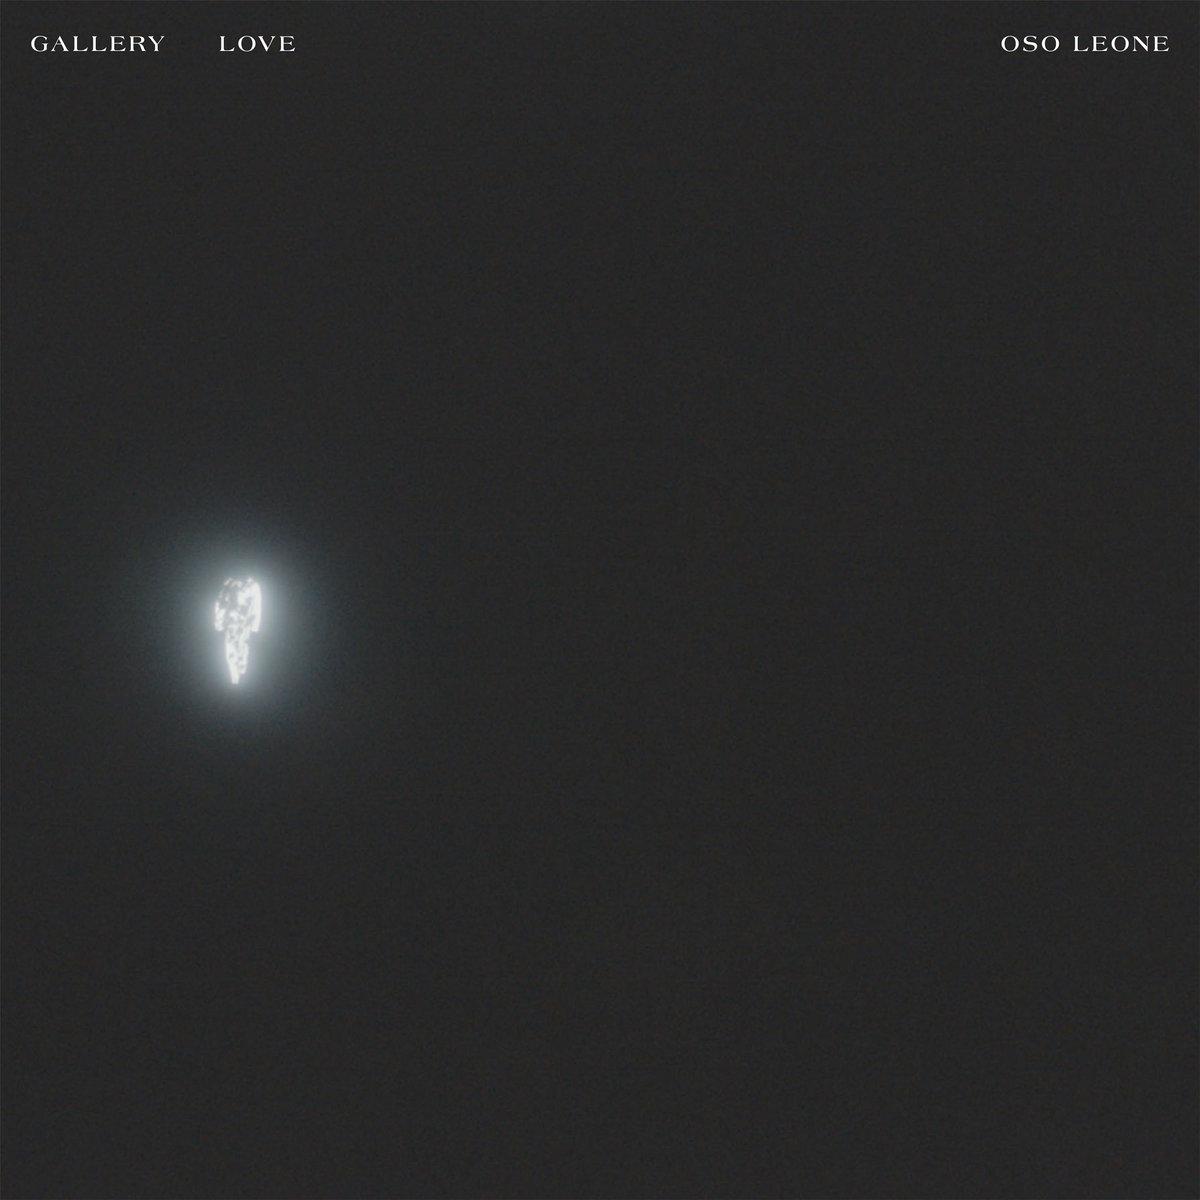 Oso Leone - Gallery Love